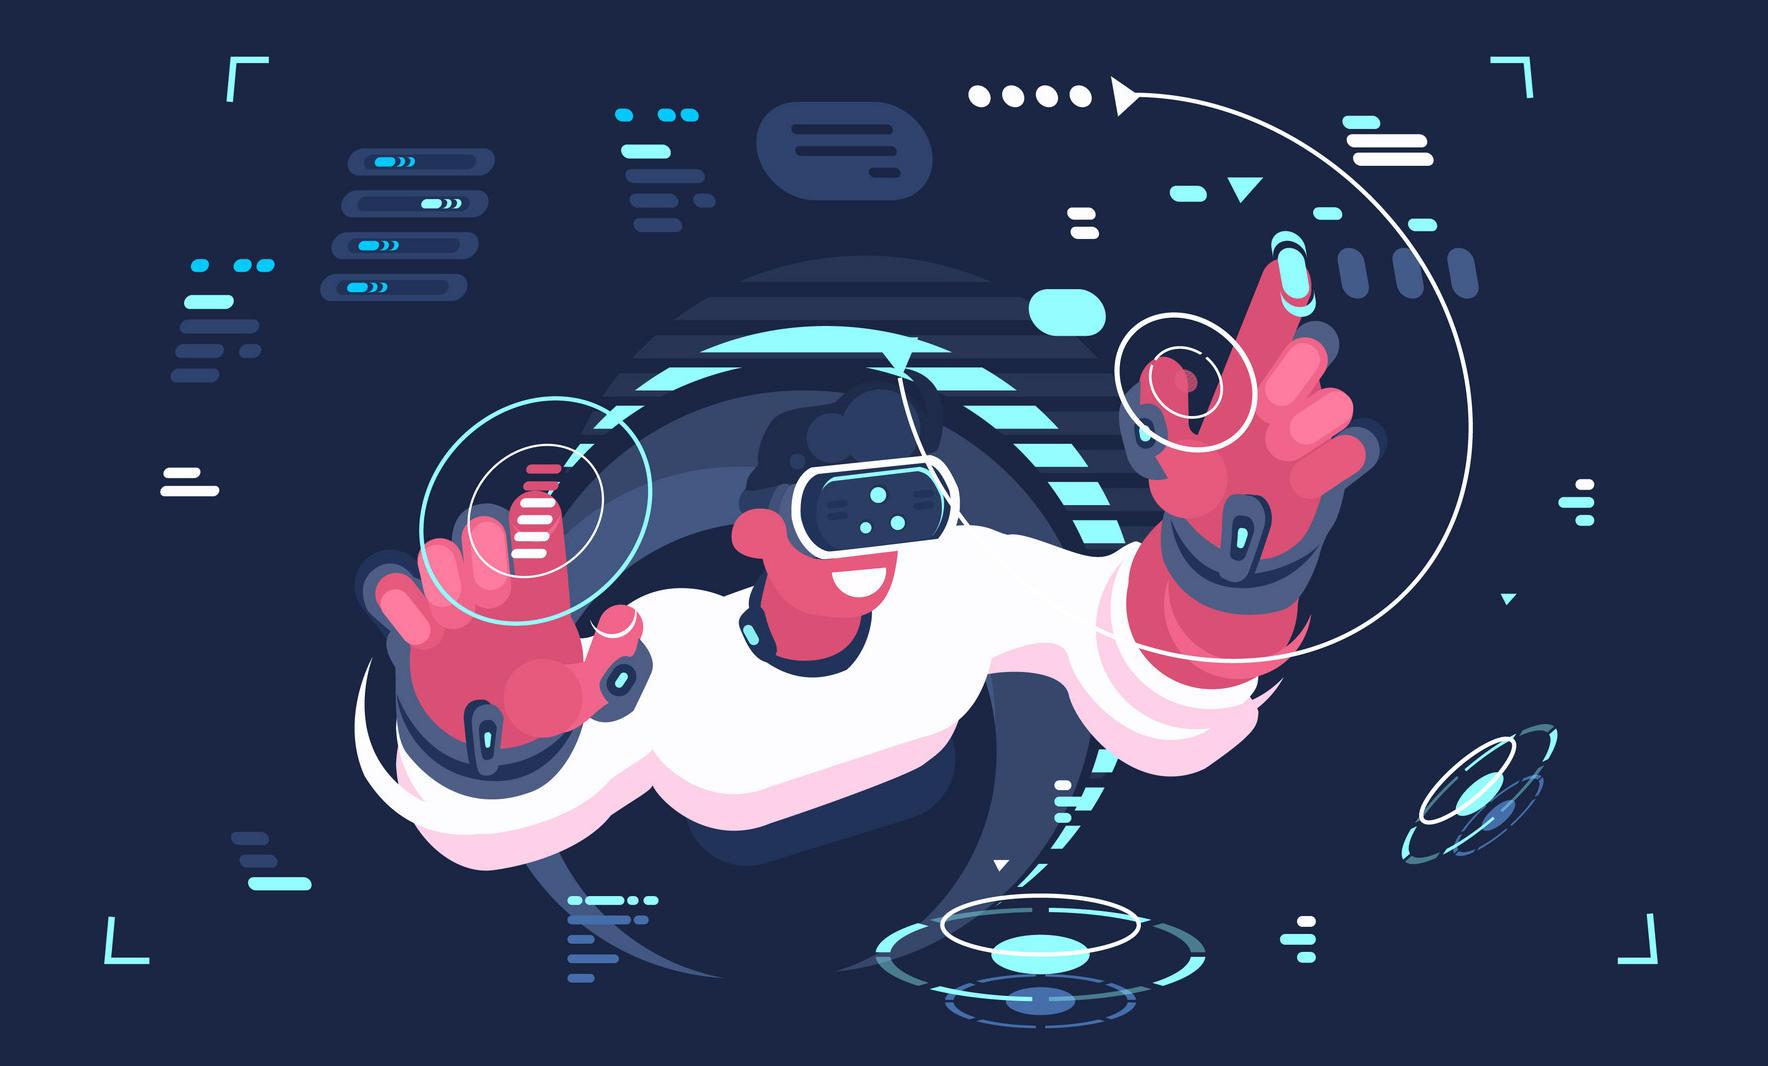 微信小程序团队发布行业助手小程序内测,预告一物一码平台